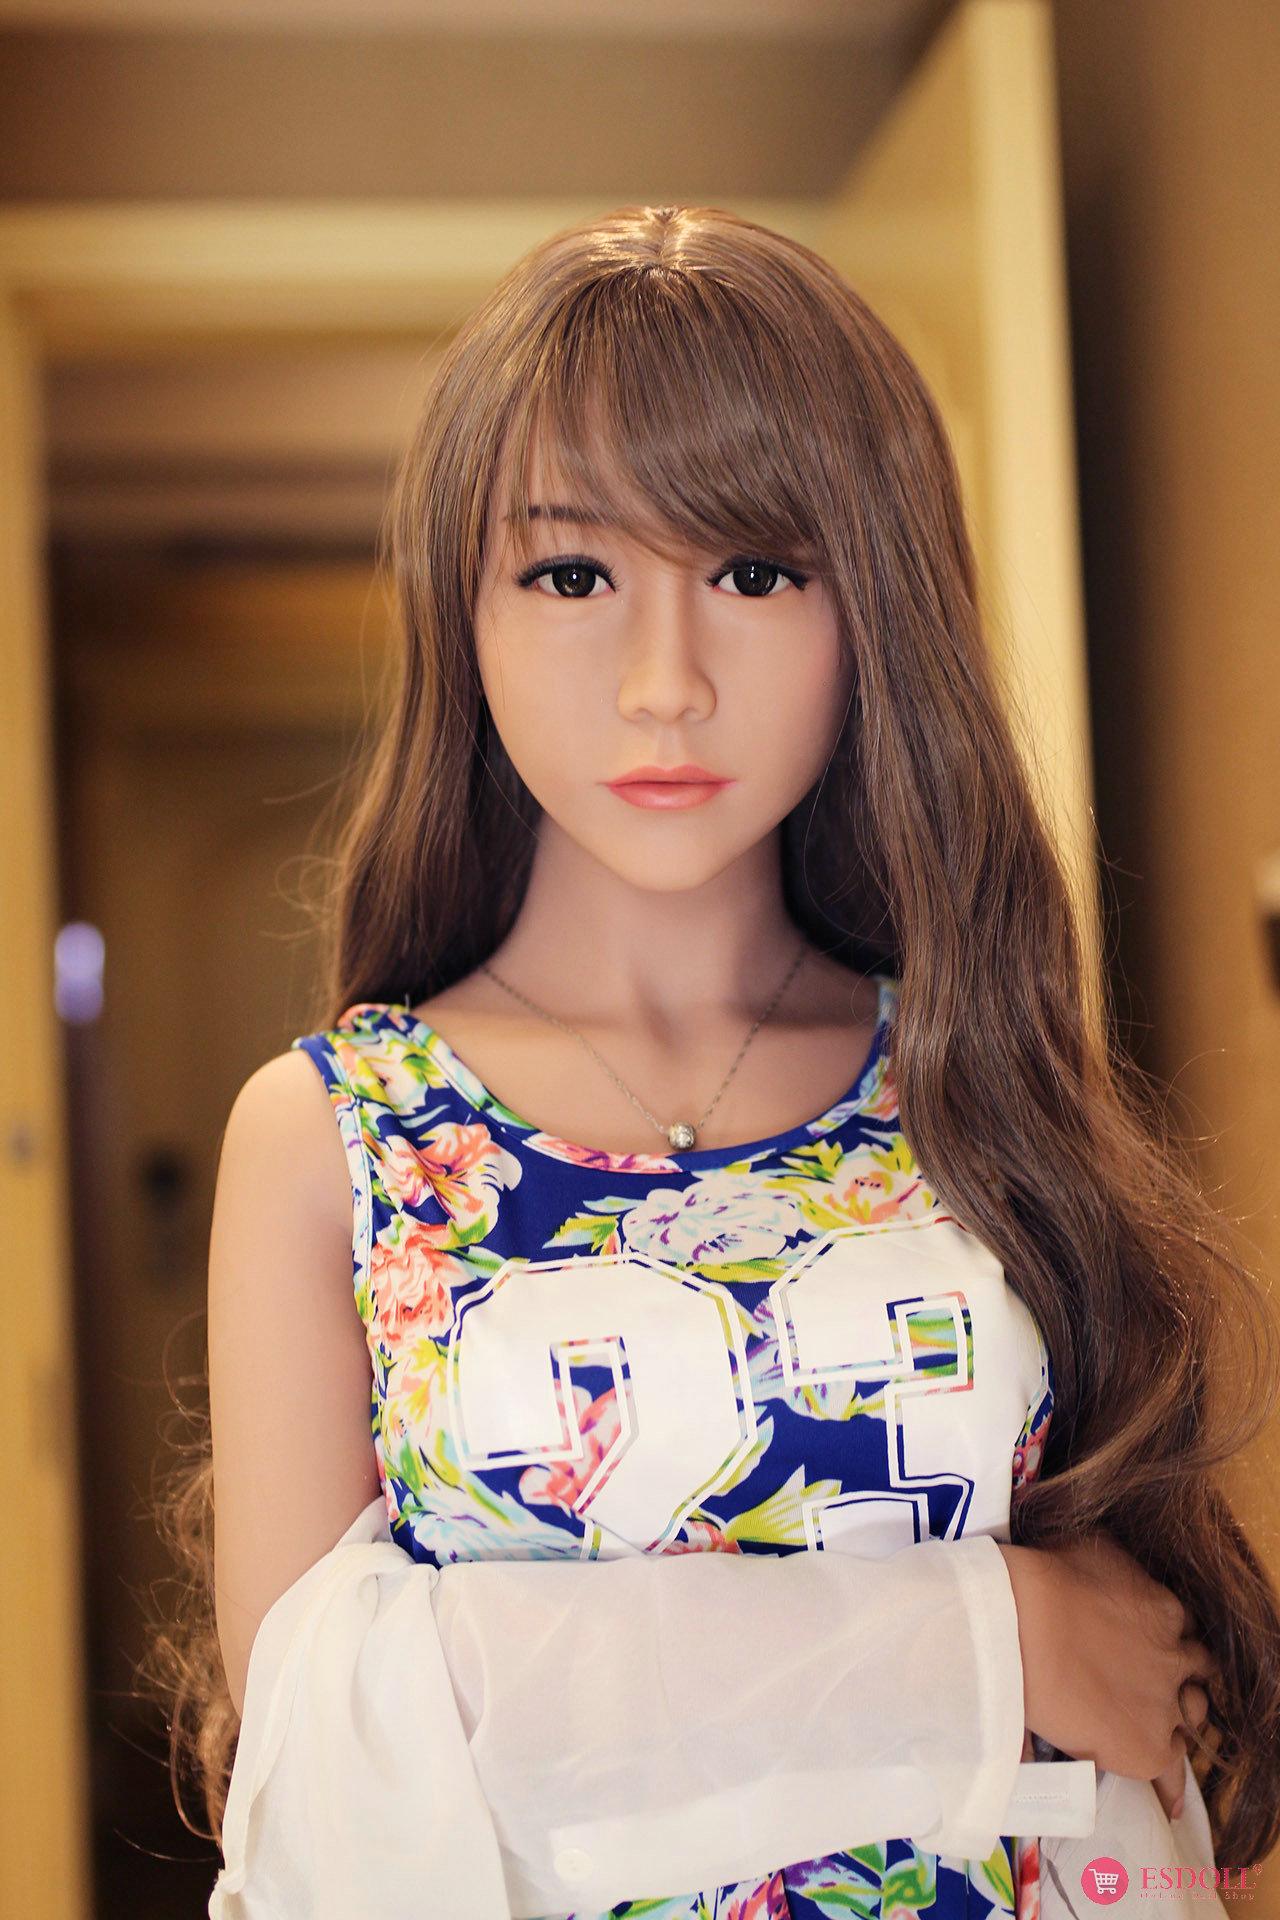 156cm 5.12ft Nicky sex doll - 20